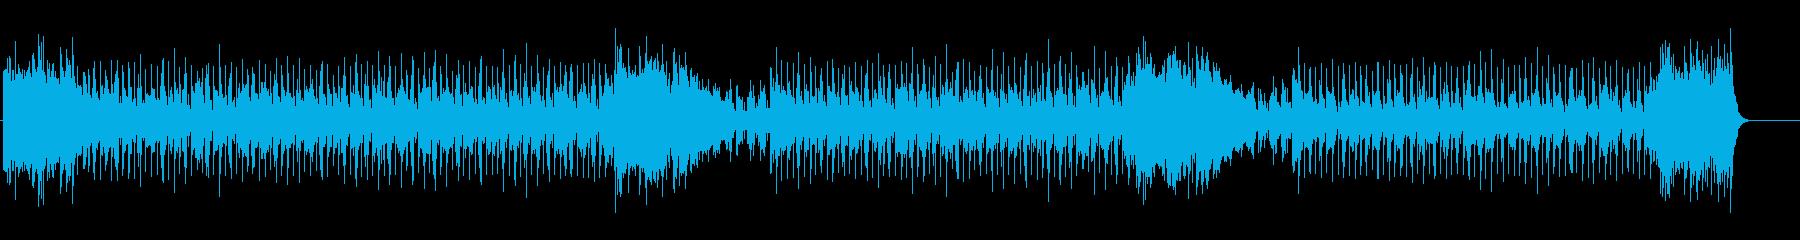 ファンキー・ホーン・セクションの再生済みの波形